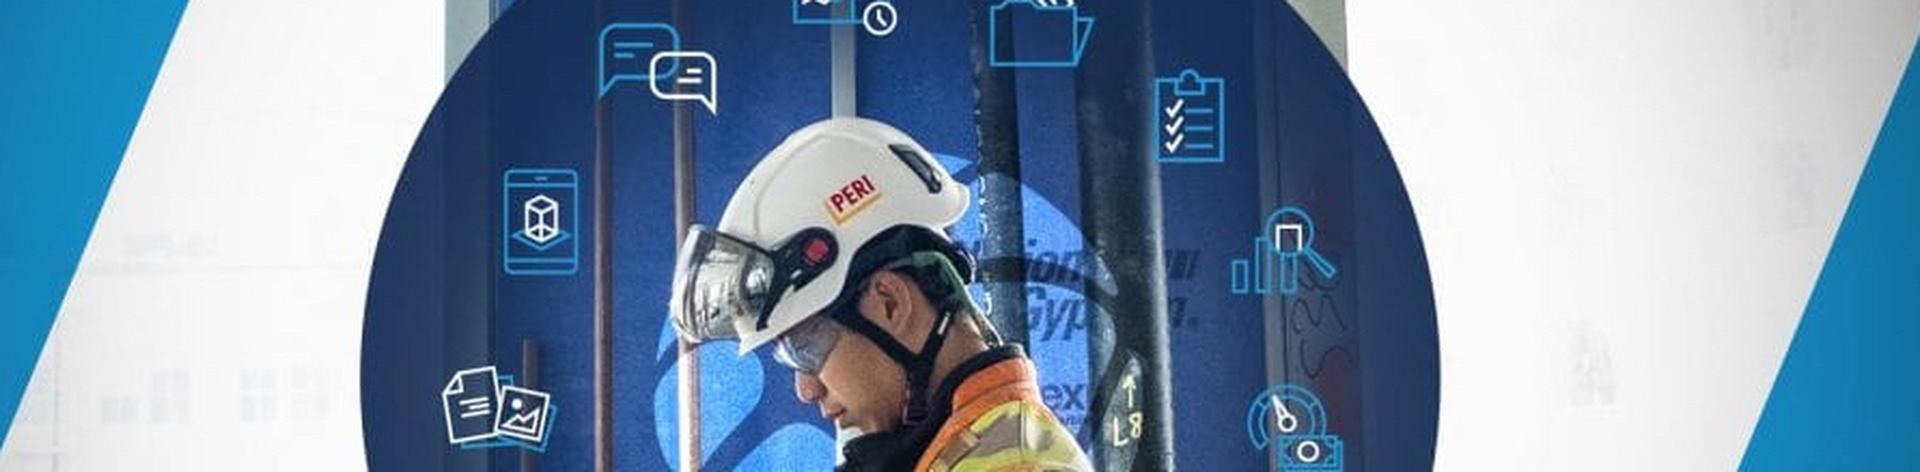 au-construction-news